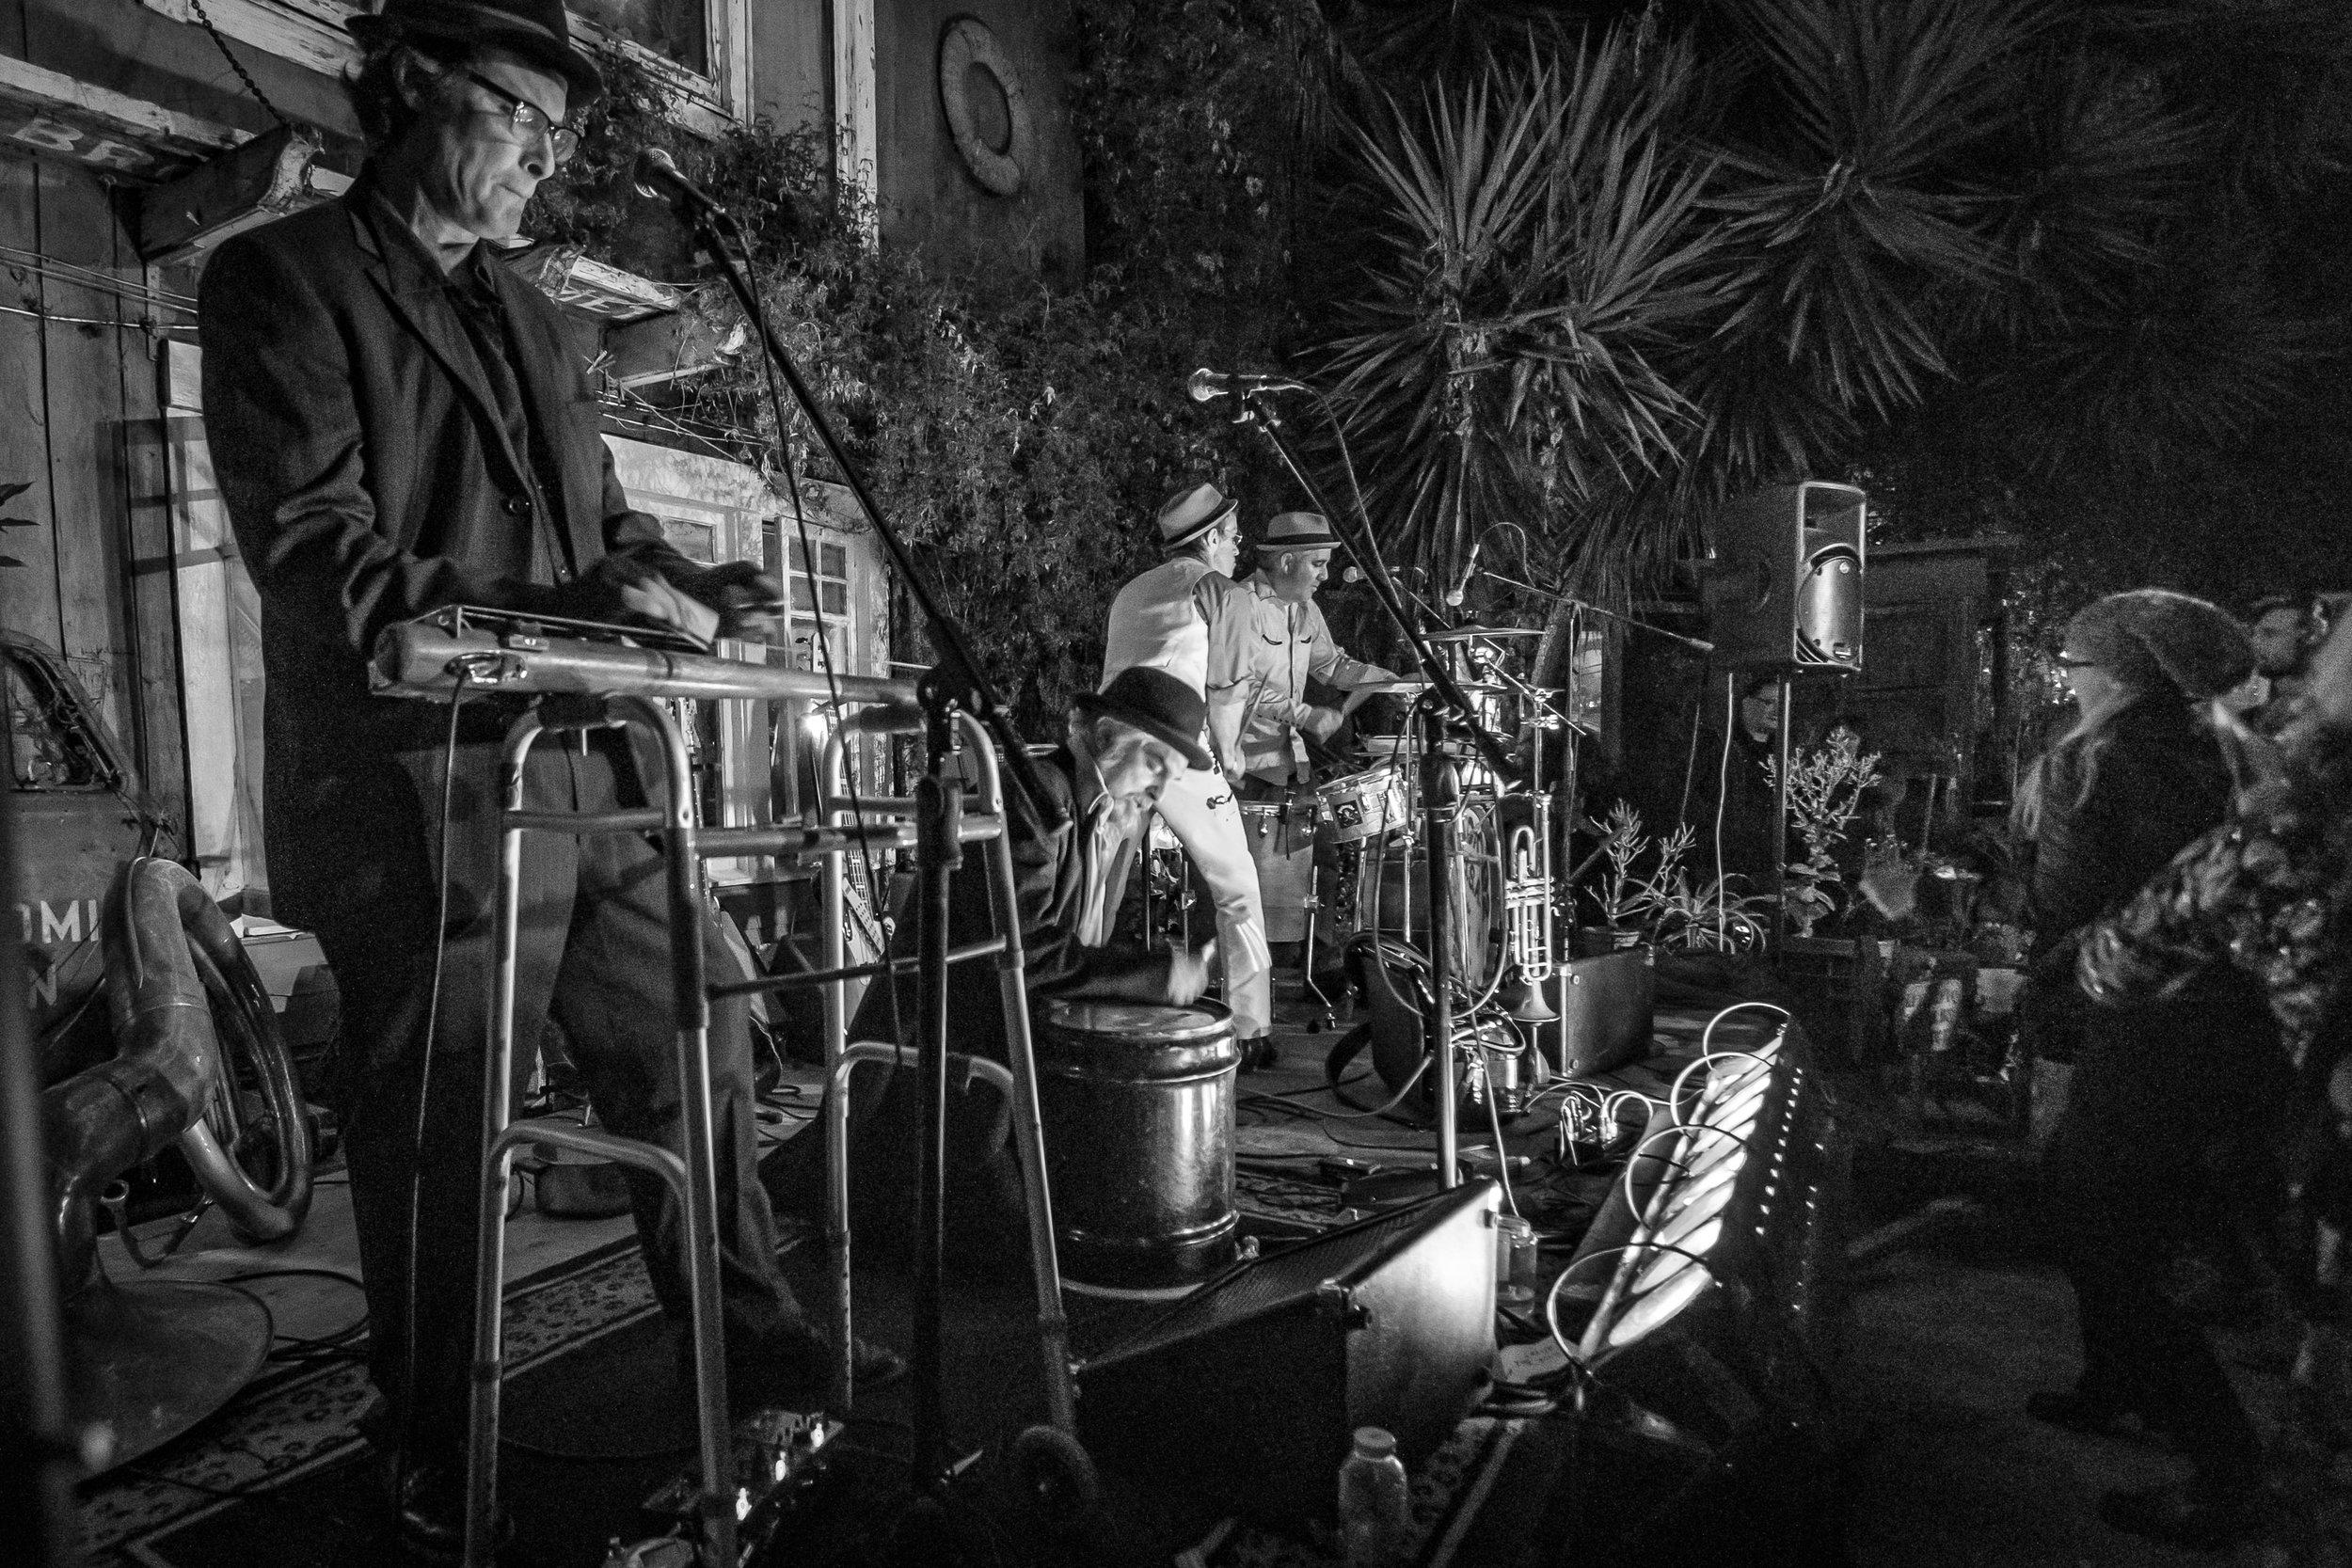 Shadetree-open-studio-party-182.jpg